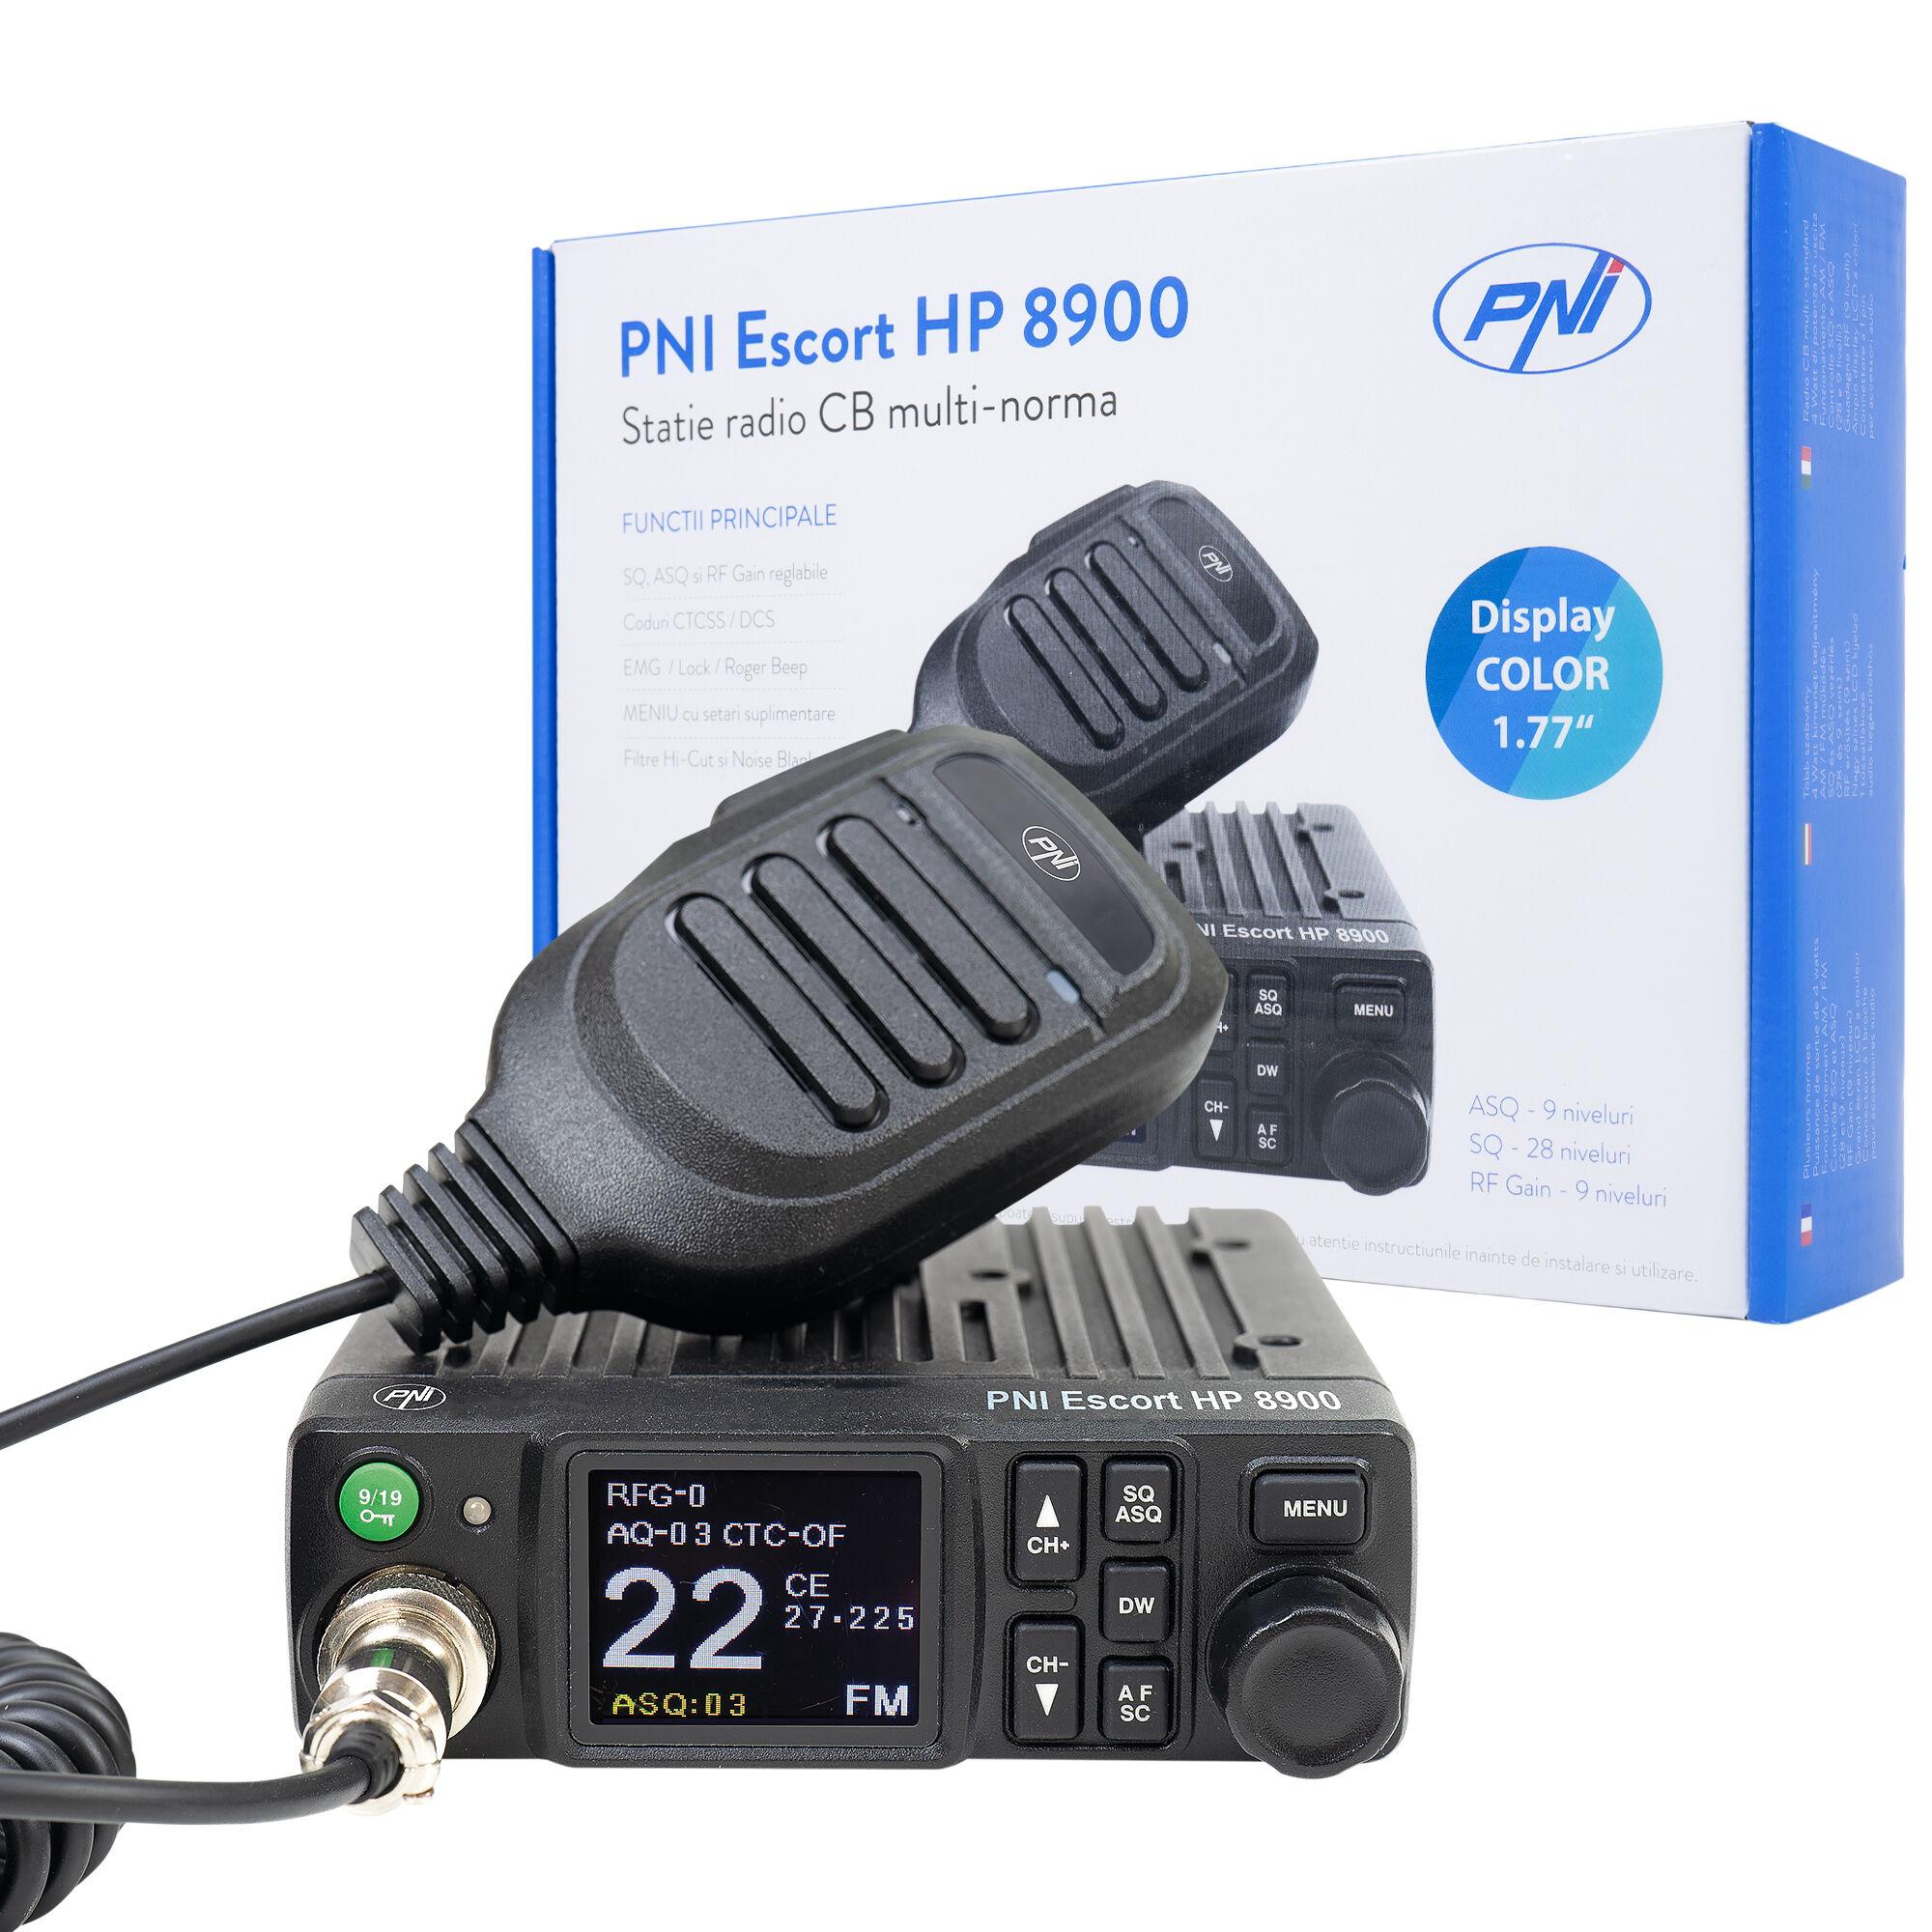 PNI Escort HP 8900